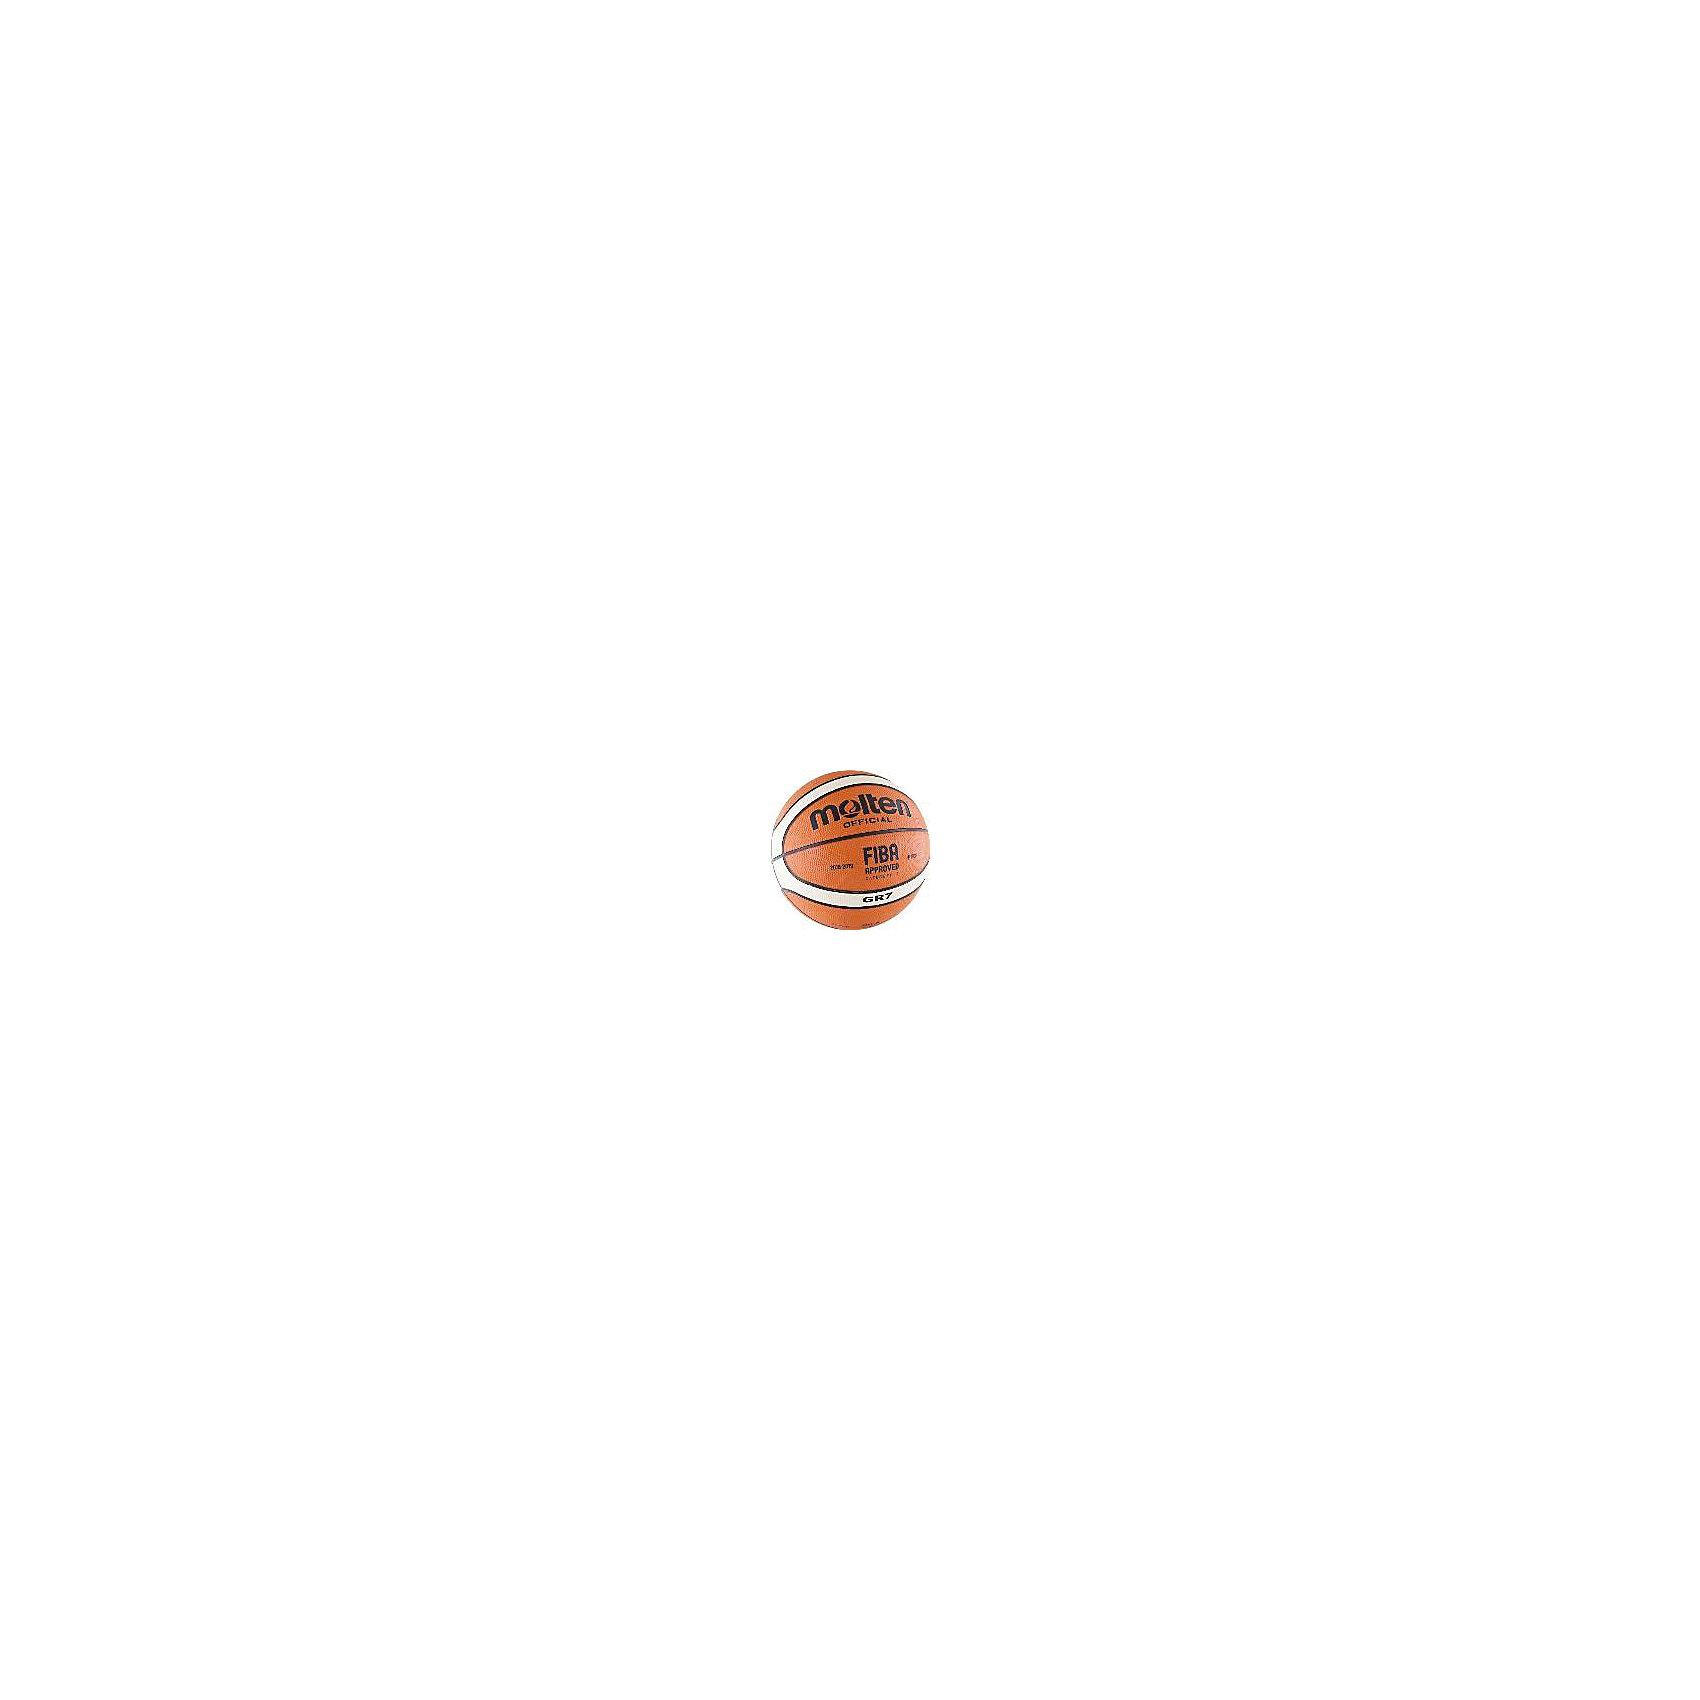 - Баскетбольный мяч, BGR7-OI р. 7, резина, оранж-беж-черн., MOLTEN мяч баскетбольный molten bgr7 vy р7